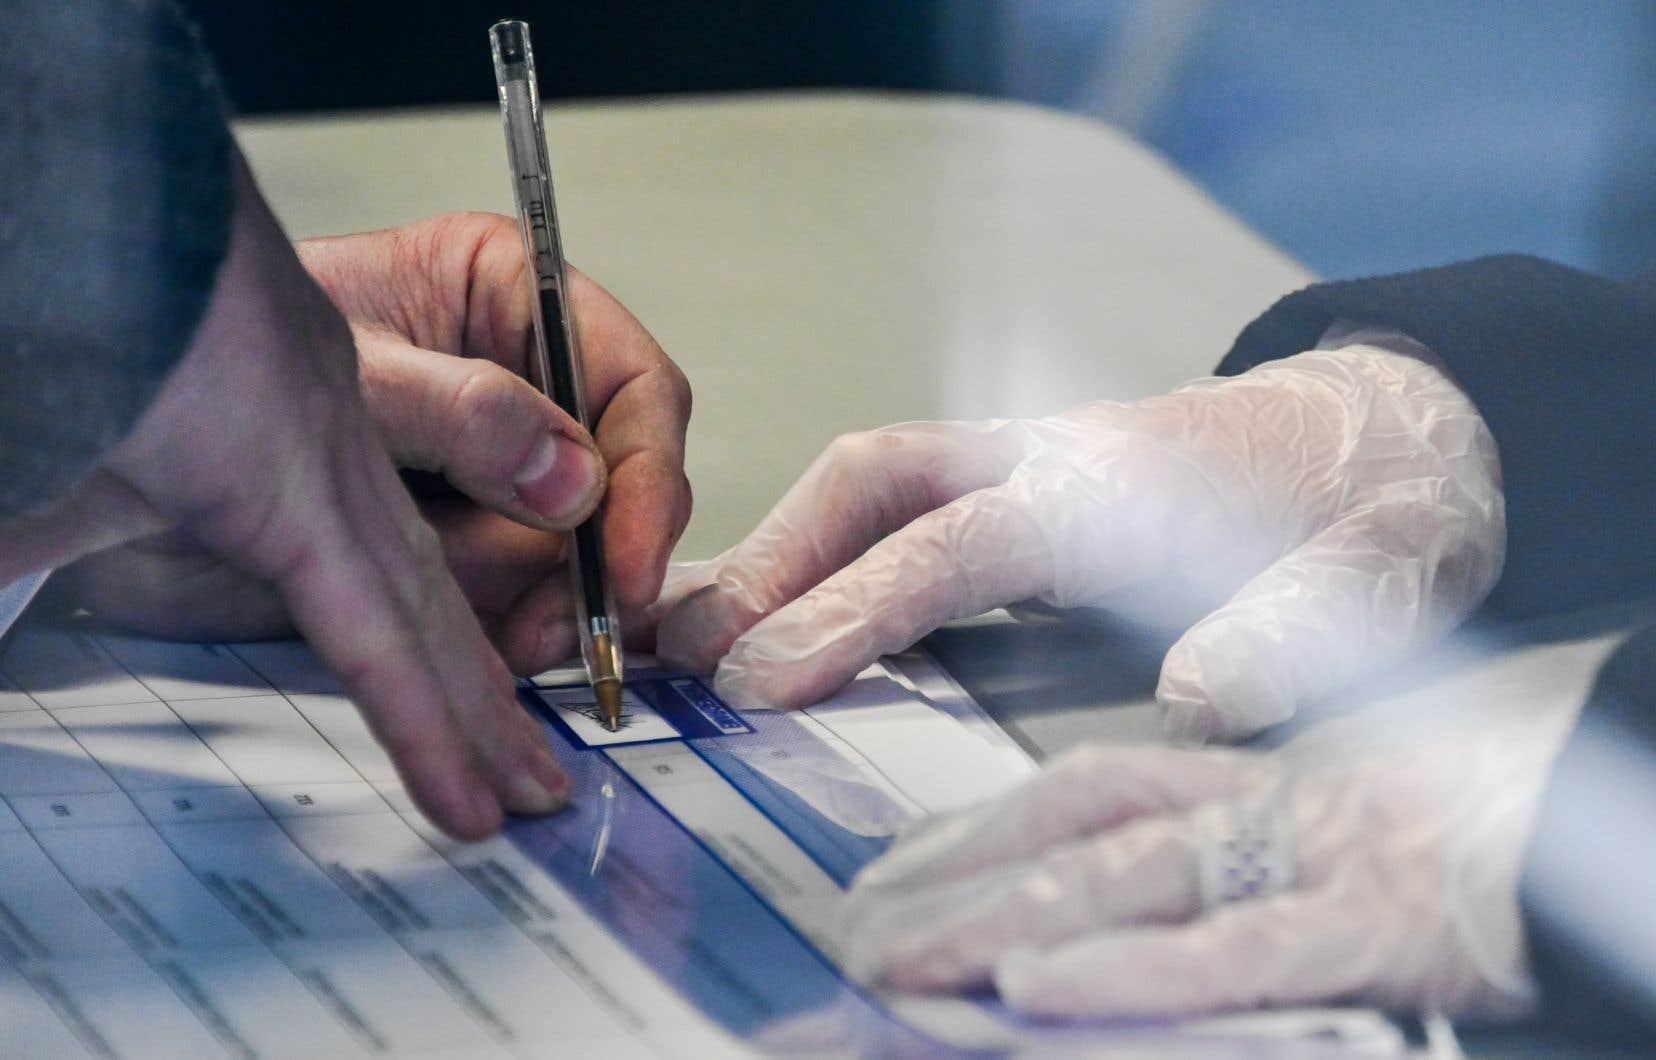 Les assesseurs portent des gants et les électeurs sont invités à apporter leur propre stylo.